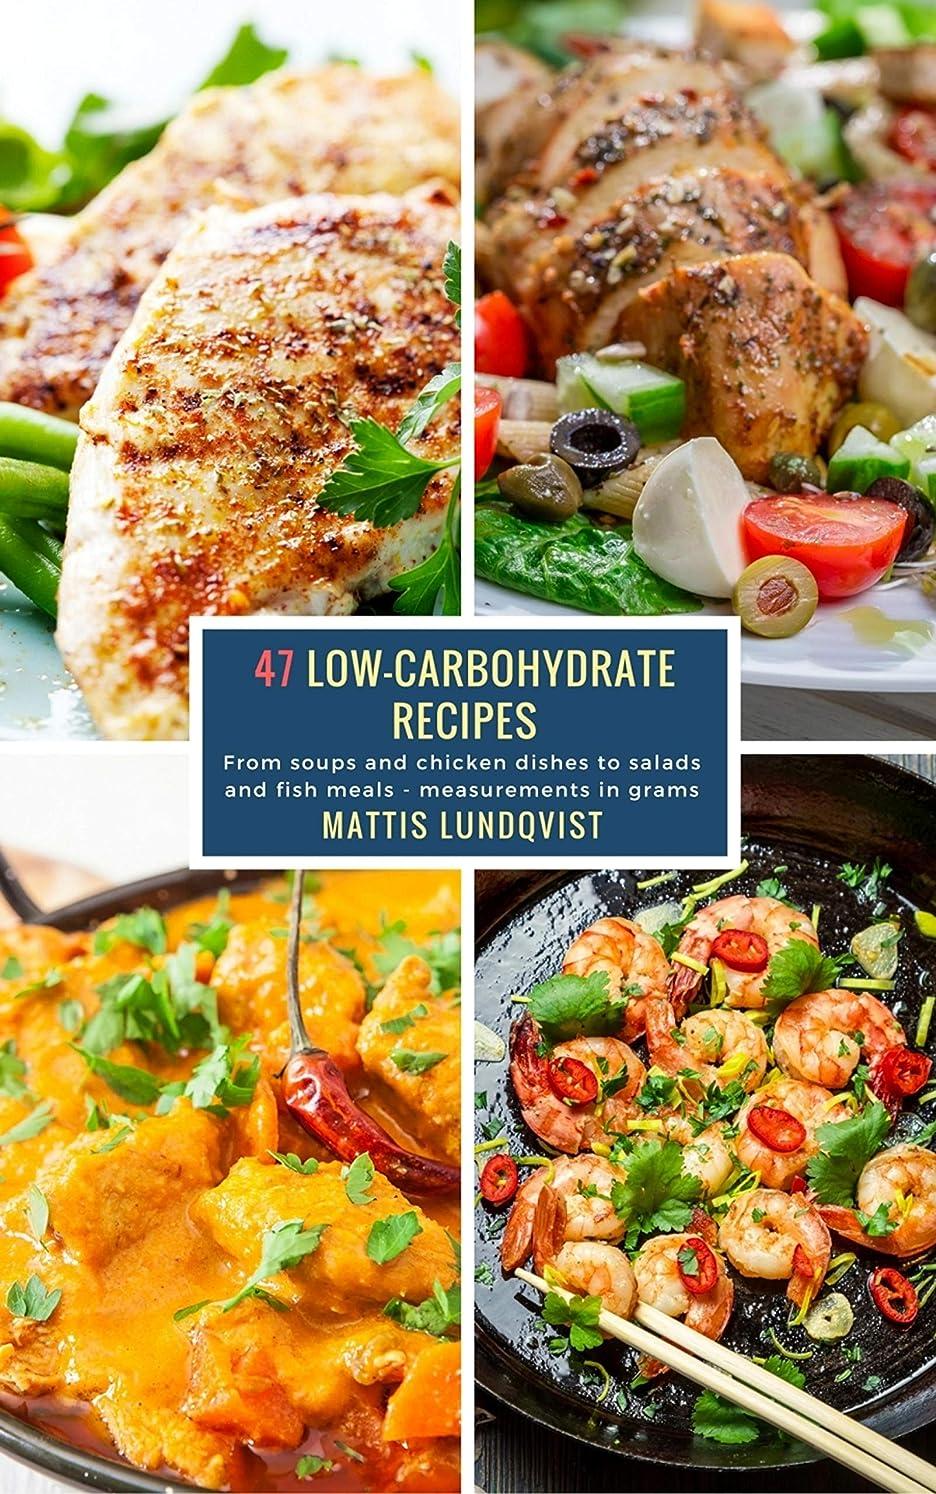 肘掛け椅子つかいますアカデミー47 Low-Carbohydrate Recipes: From soups and chicken dishes to salads and fish meals - measurements in grams (English Edition)